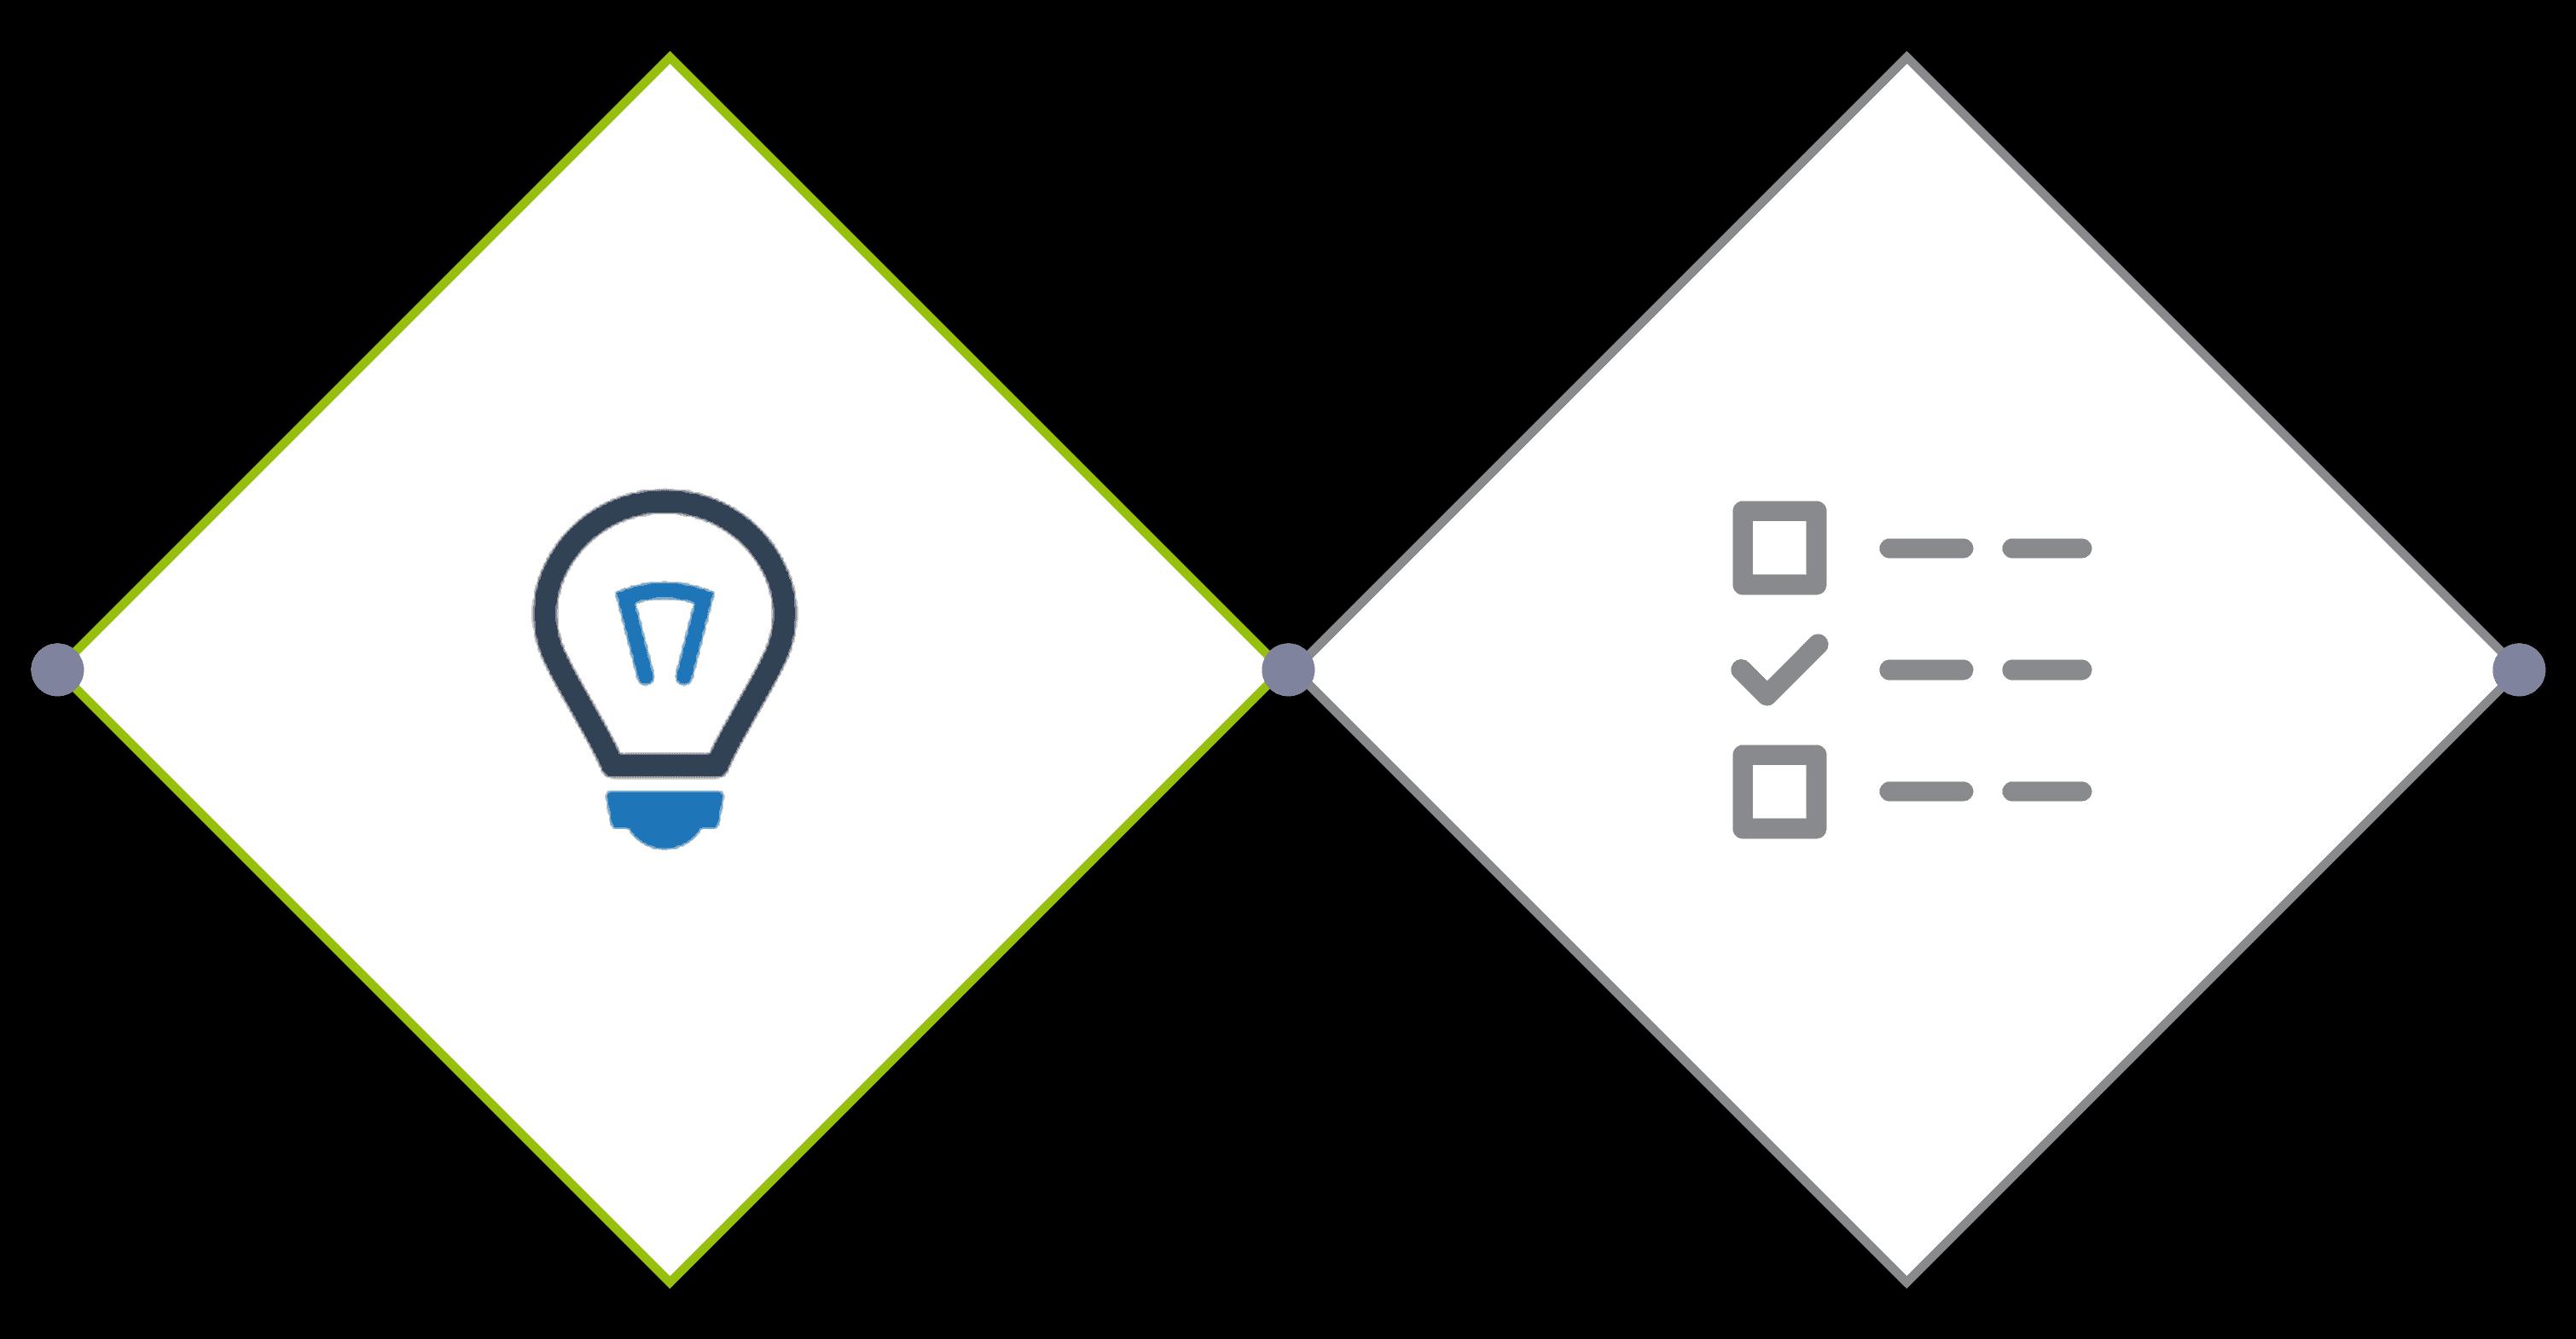 Ein Symbolbild zum Thema IT Consulting zeigt eine Raute mit einer Glühbirne in der Mitte.